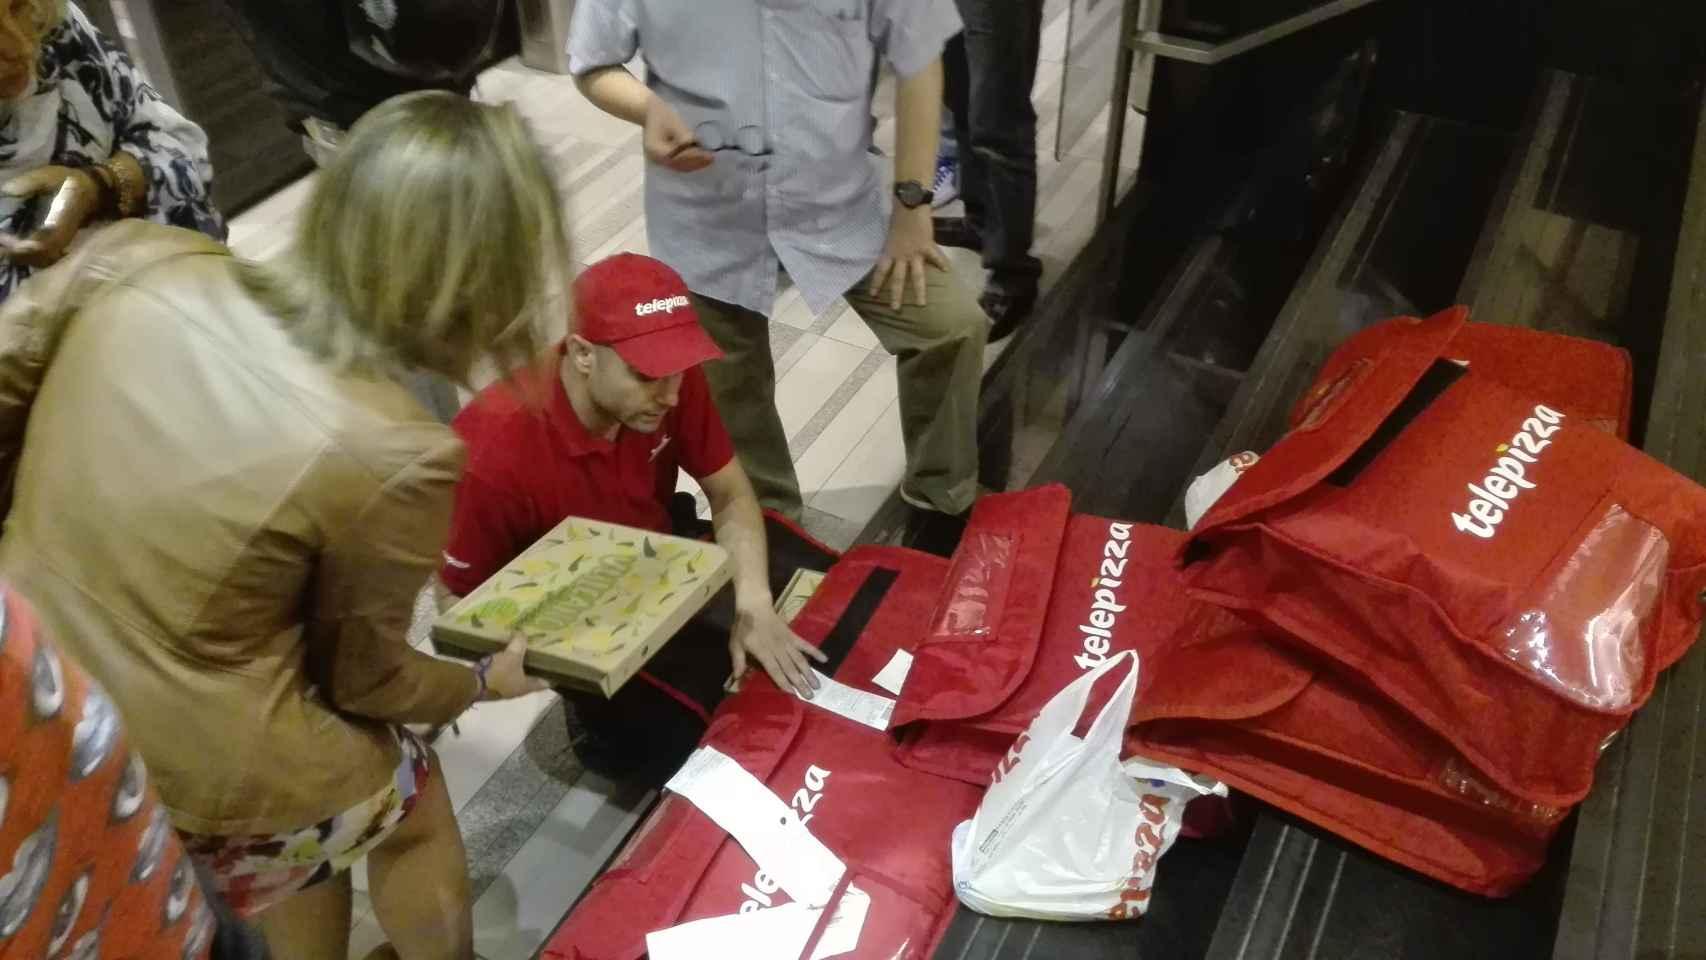 La llegada a Ferraz con el pedido de 16 pizzas.